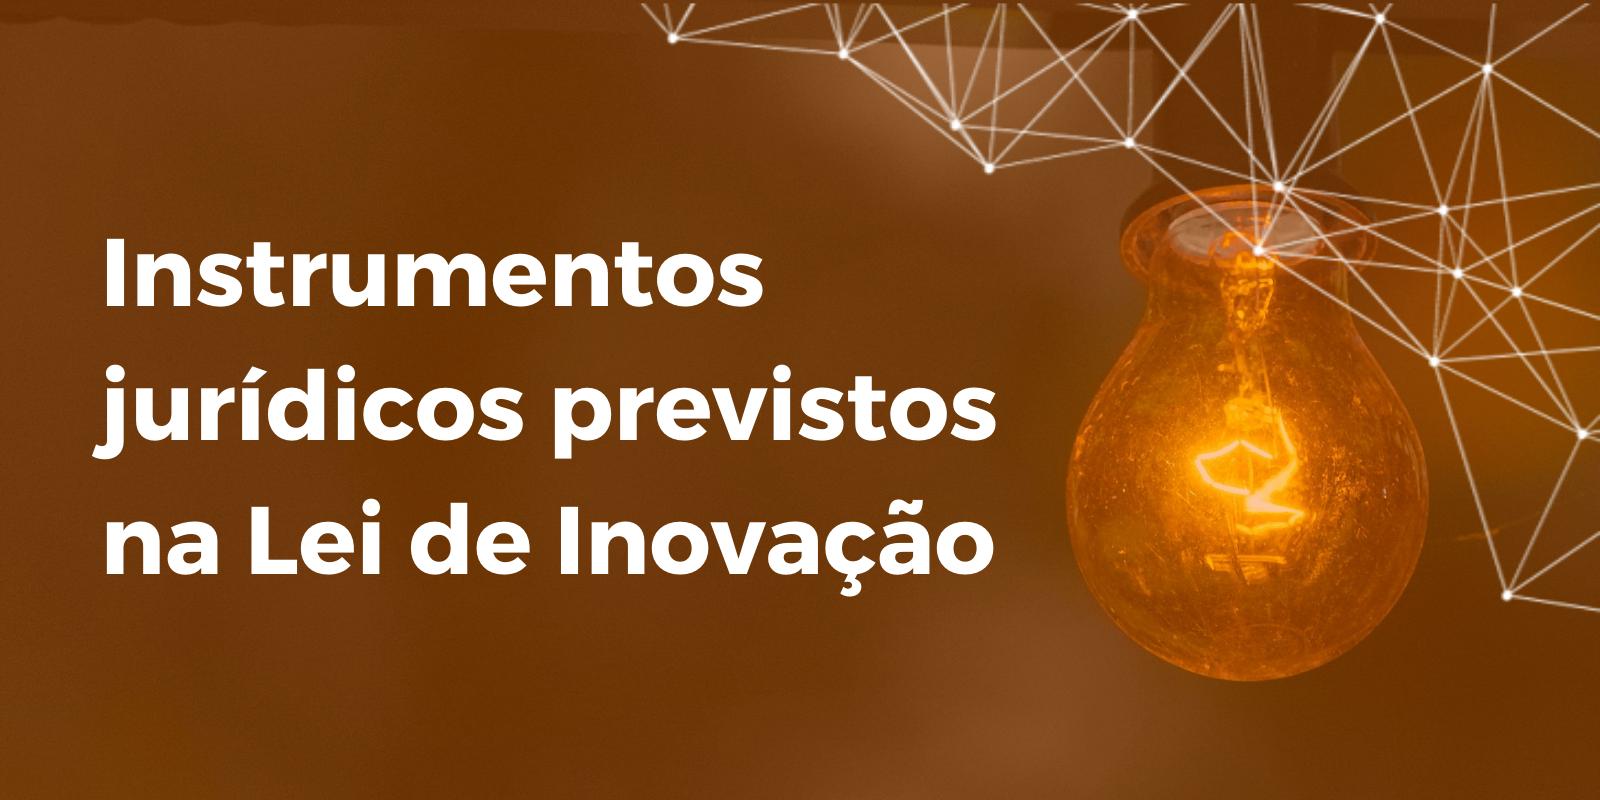 Imagem: Fundepag promoverá webinar sobre a Nota Técnica SubG-Cons. nº 11/2020, relacionada à Lei da Inovação